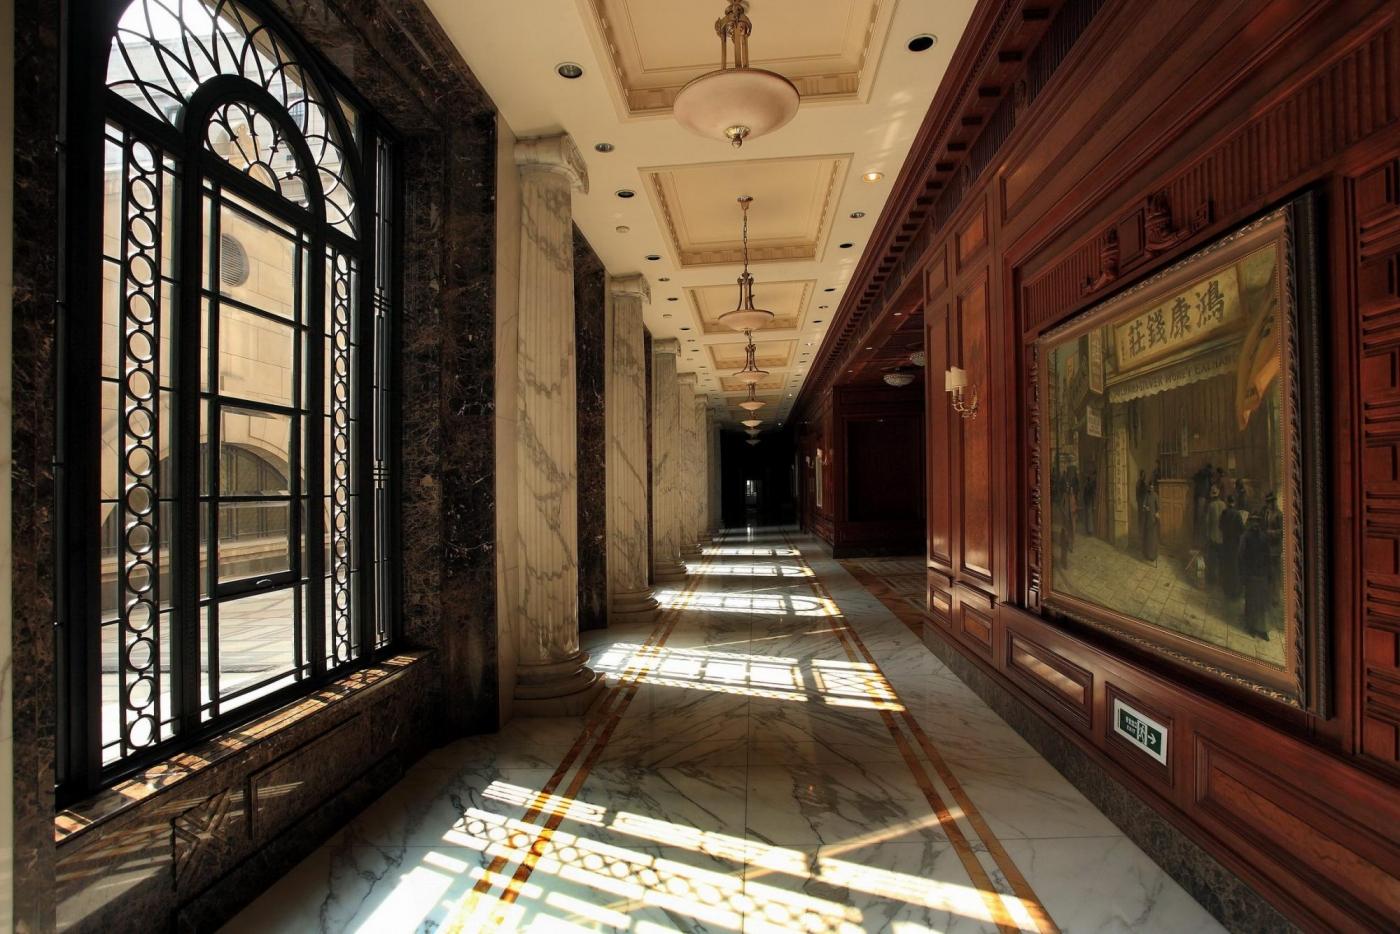 历经90年风雨,上海汇丰银行大楼华贵依旧_图1-16